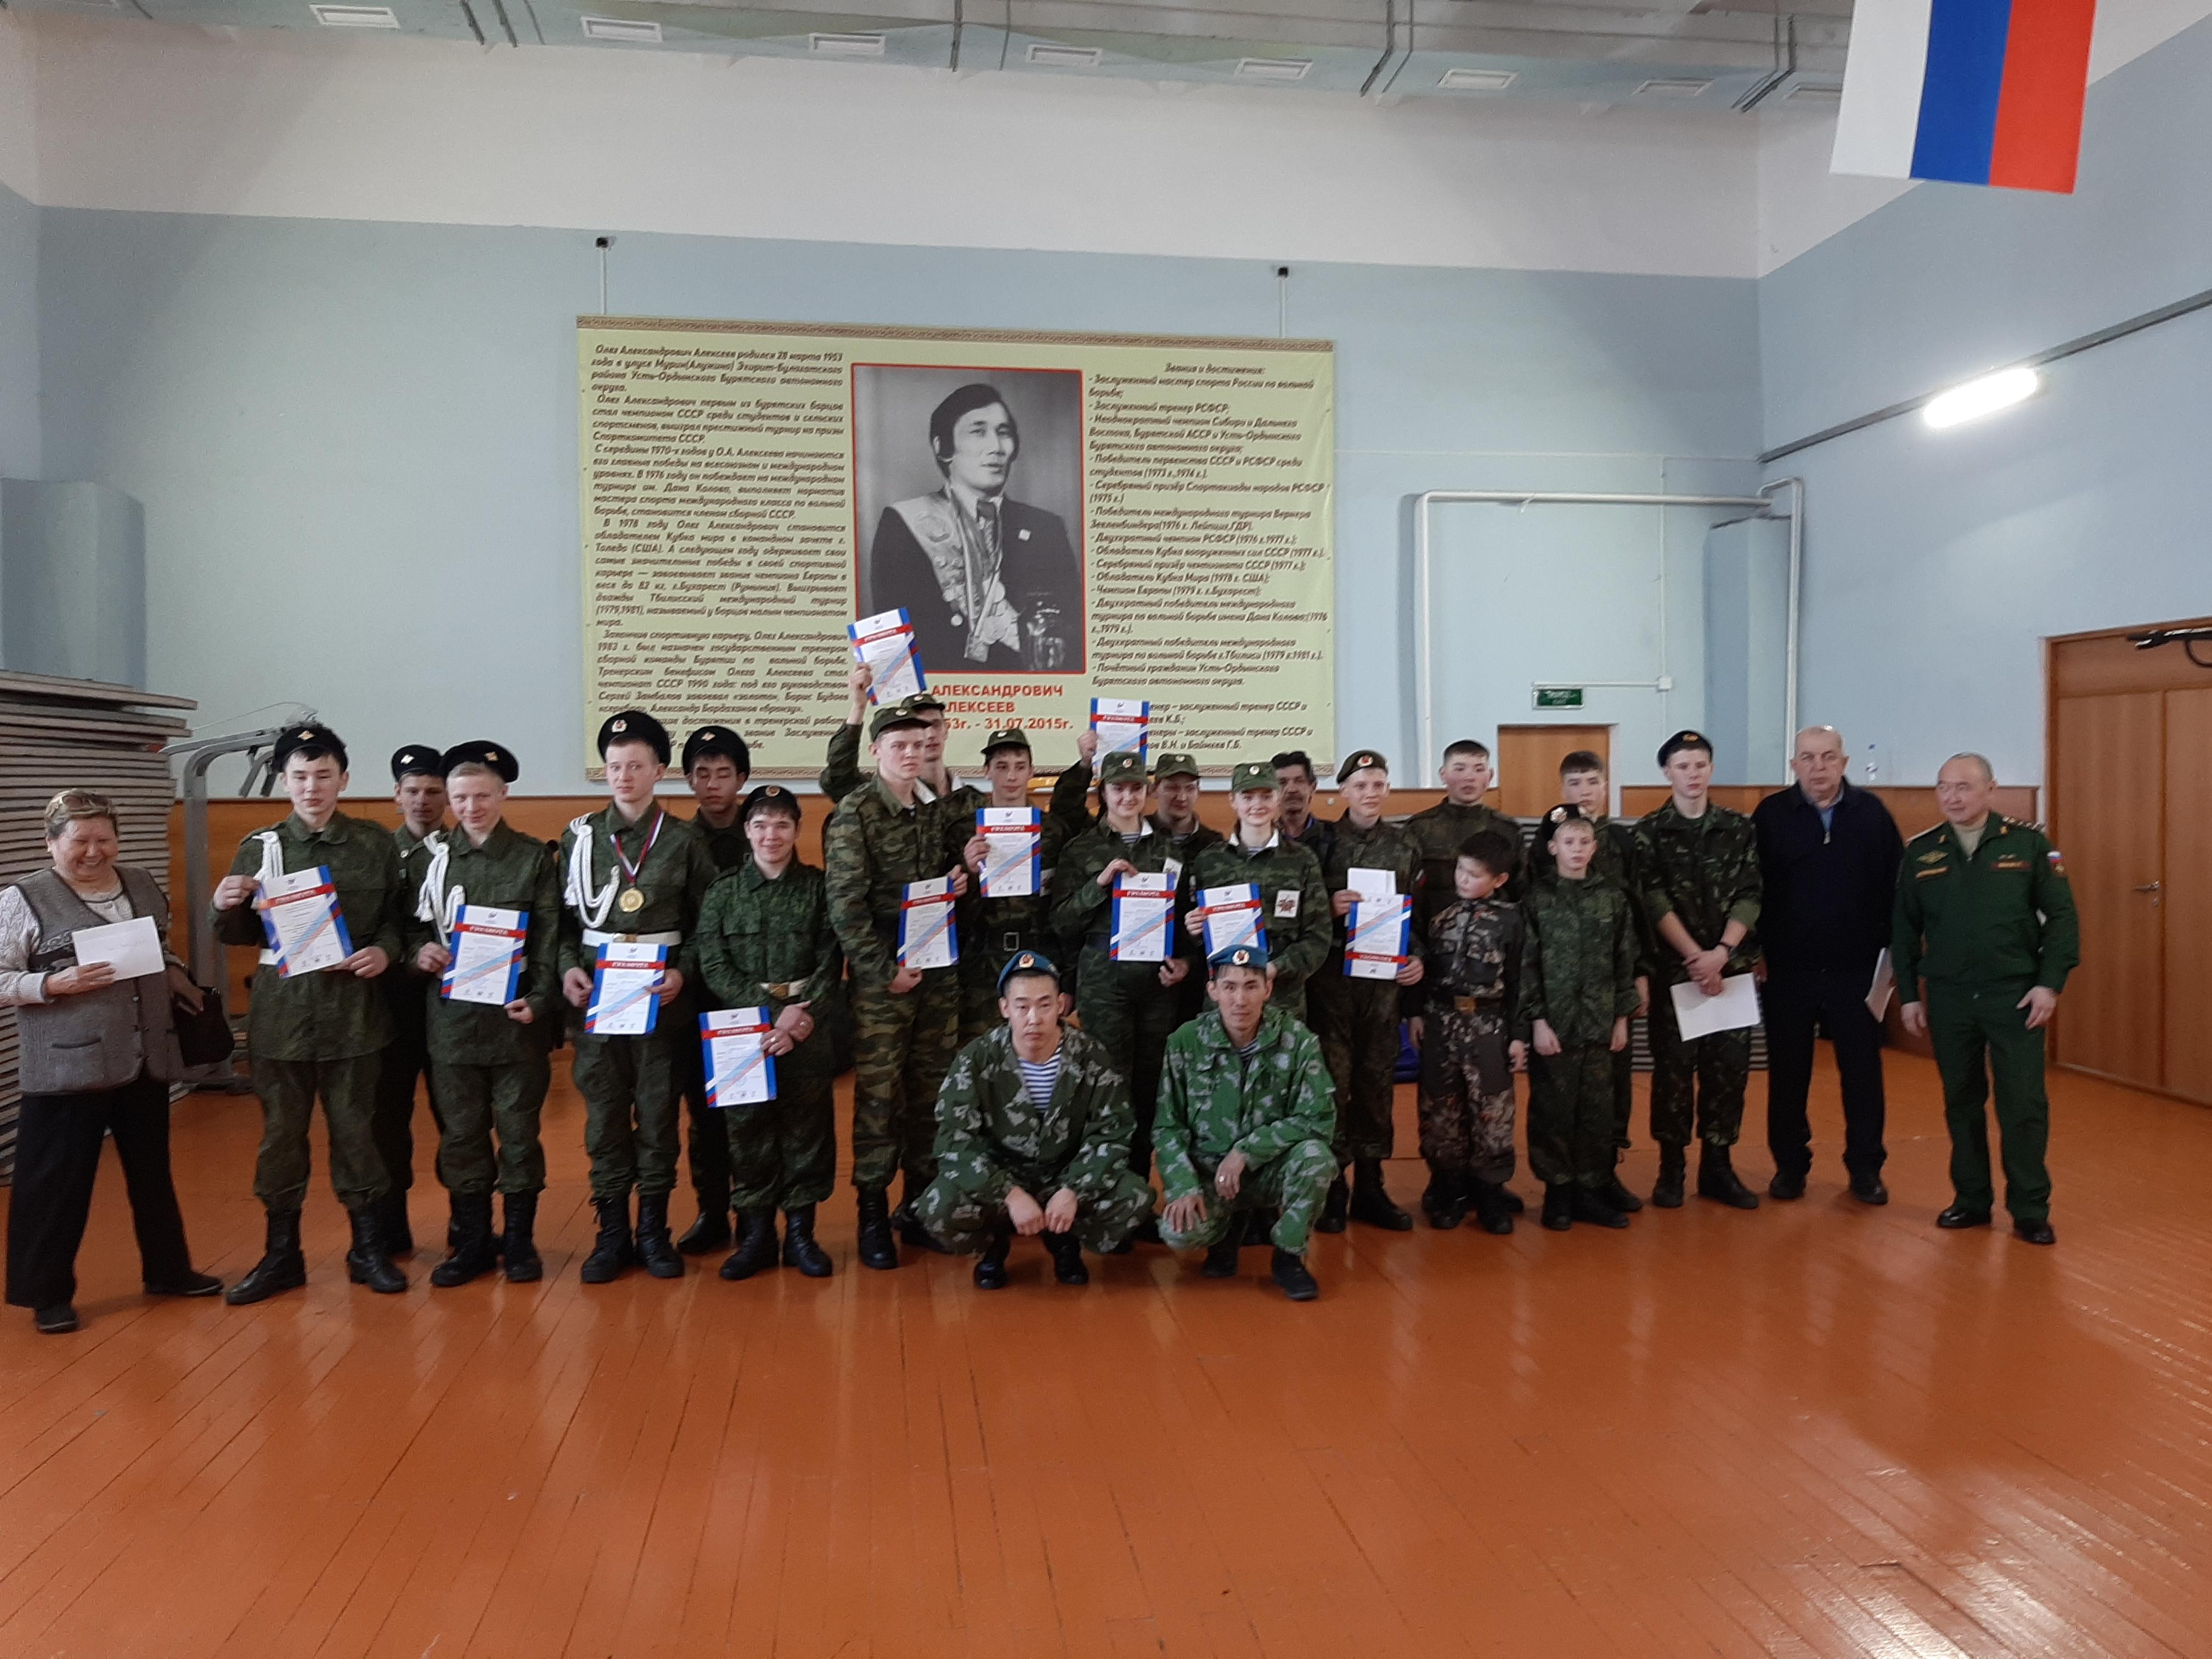 Эхирит-Булагатский район: 17 школ соревновались в районной спартакиаде допризывной подготовки молодежи